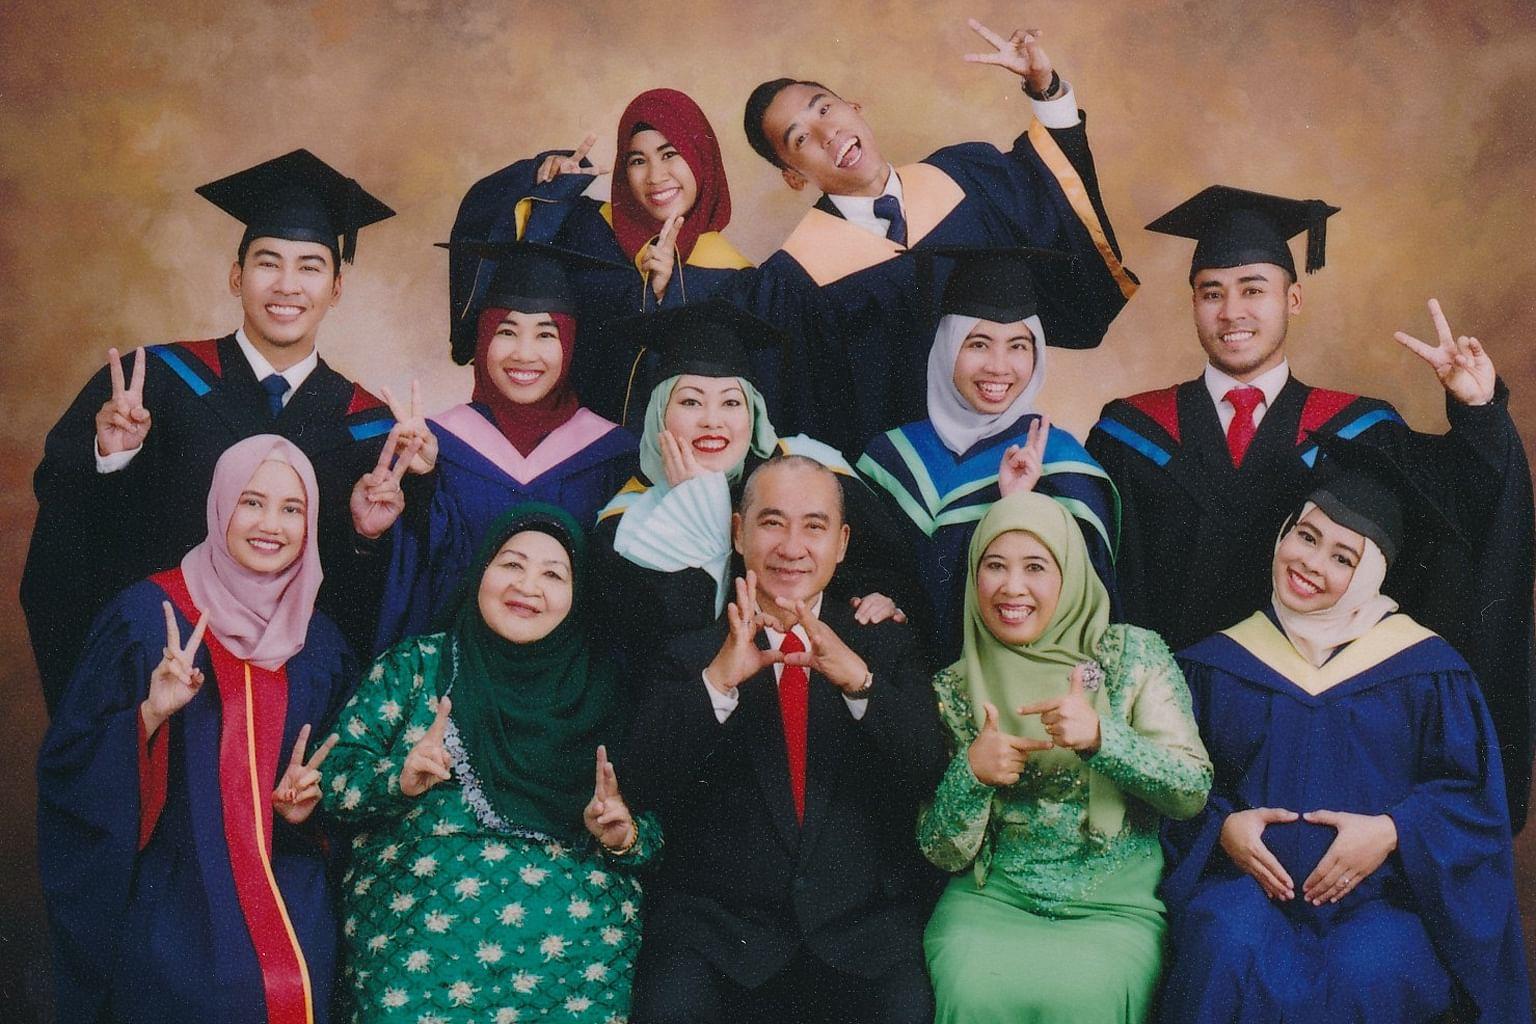 Famili cinta ilmu jadi inspirasi